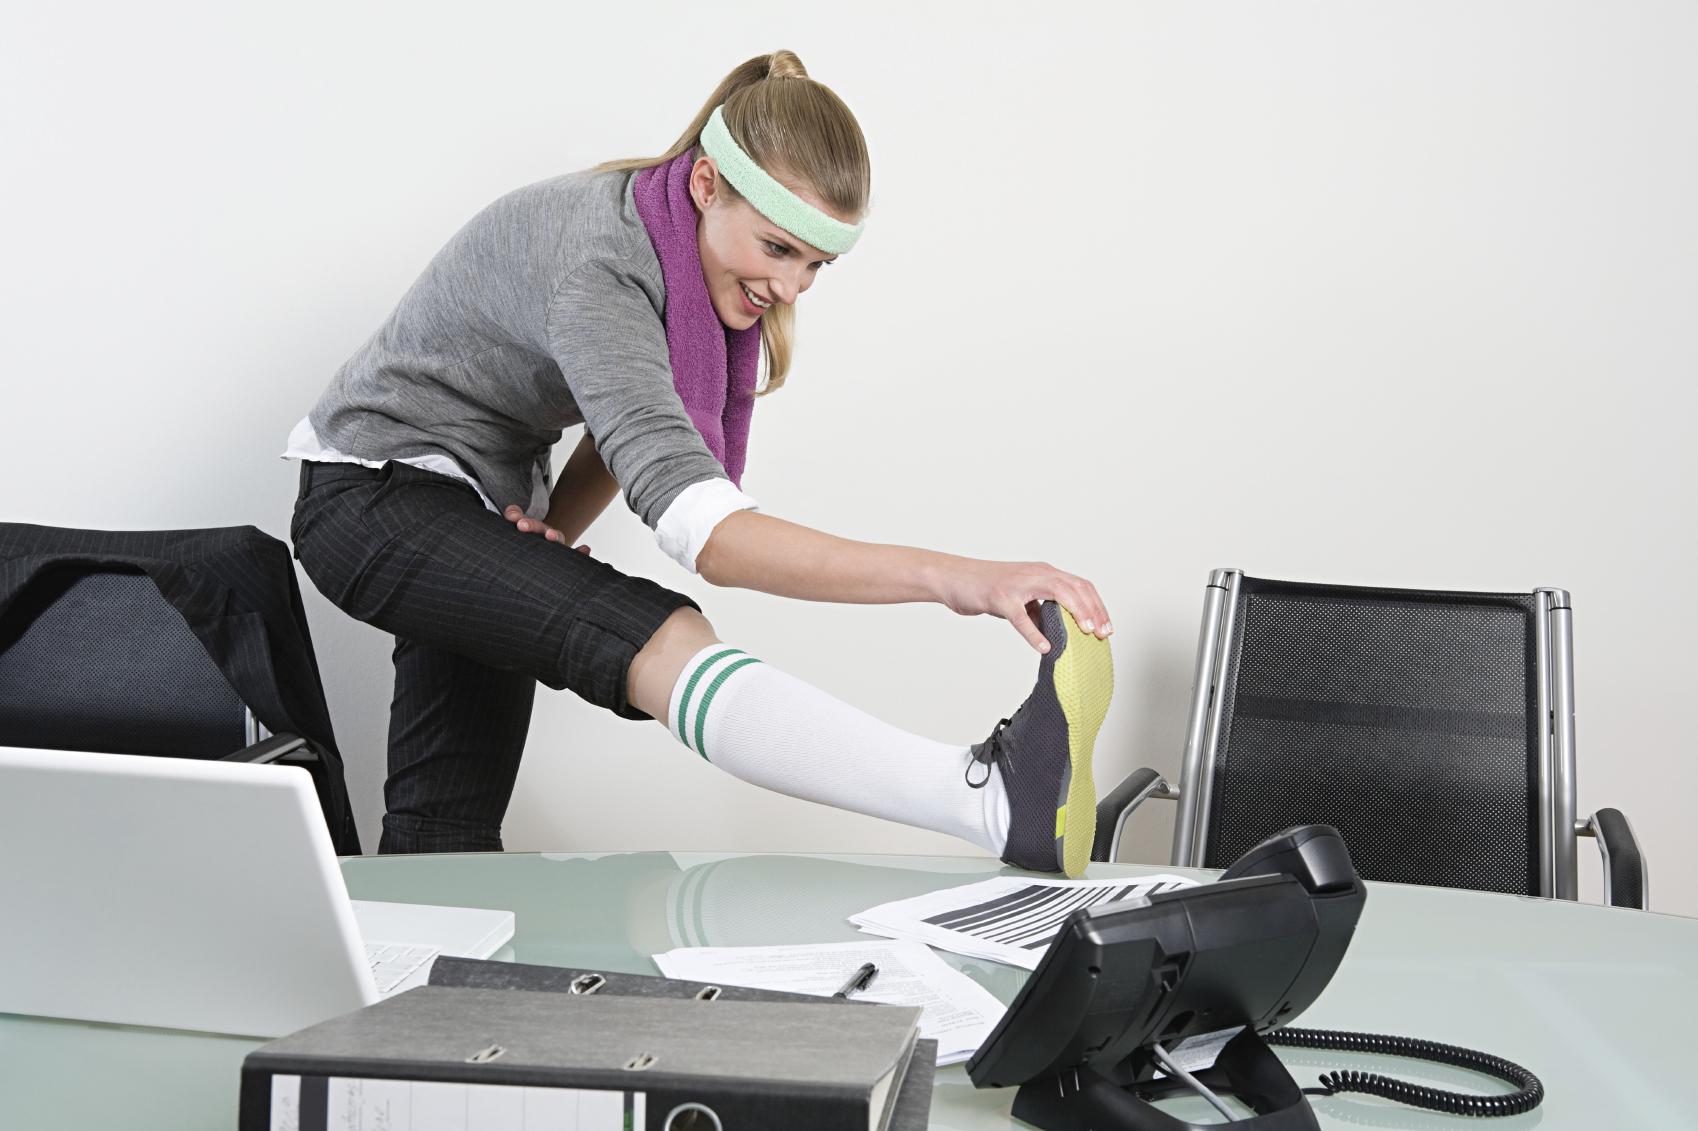 Lavoro, l'attività fisica aumenta la produttività fino al 50%